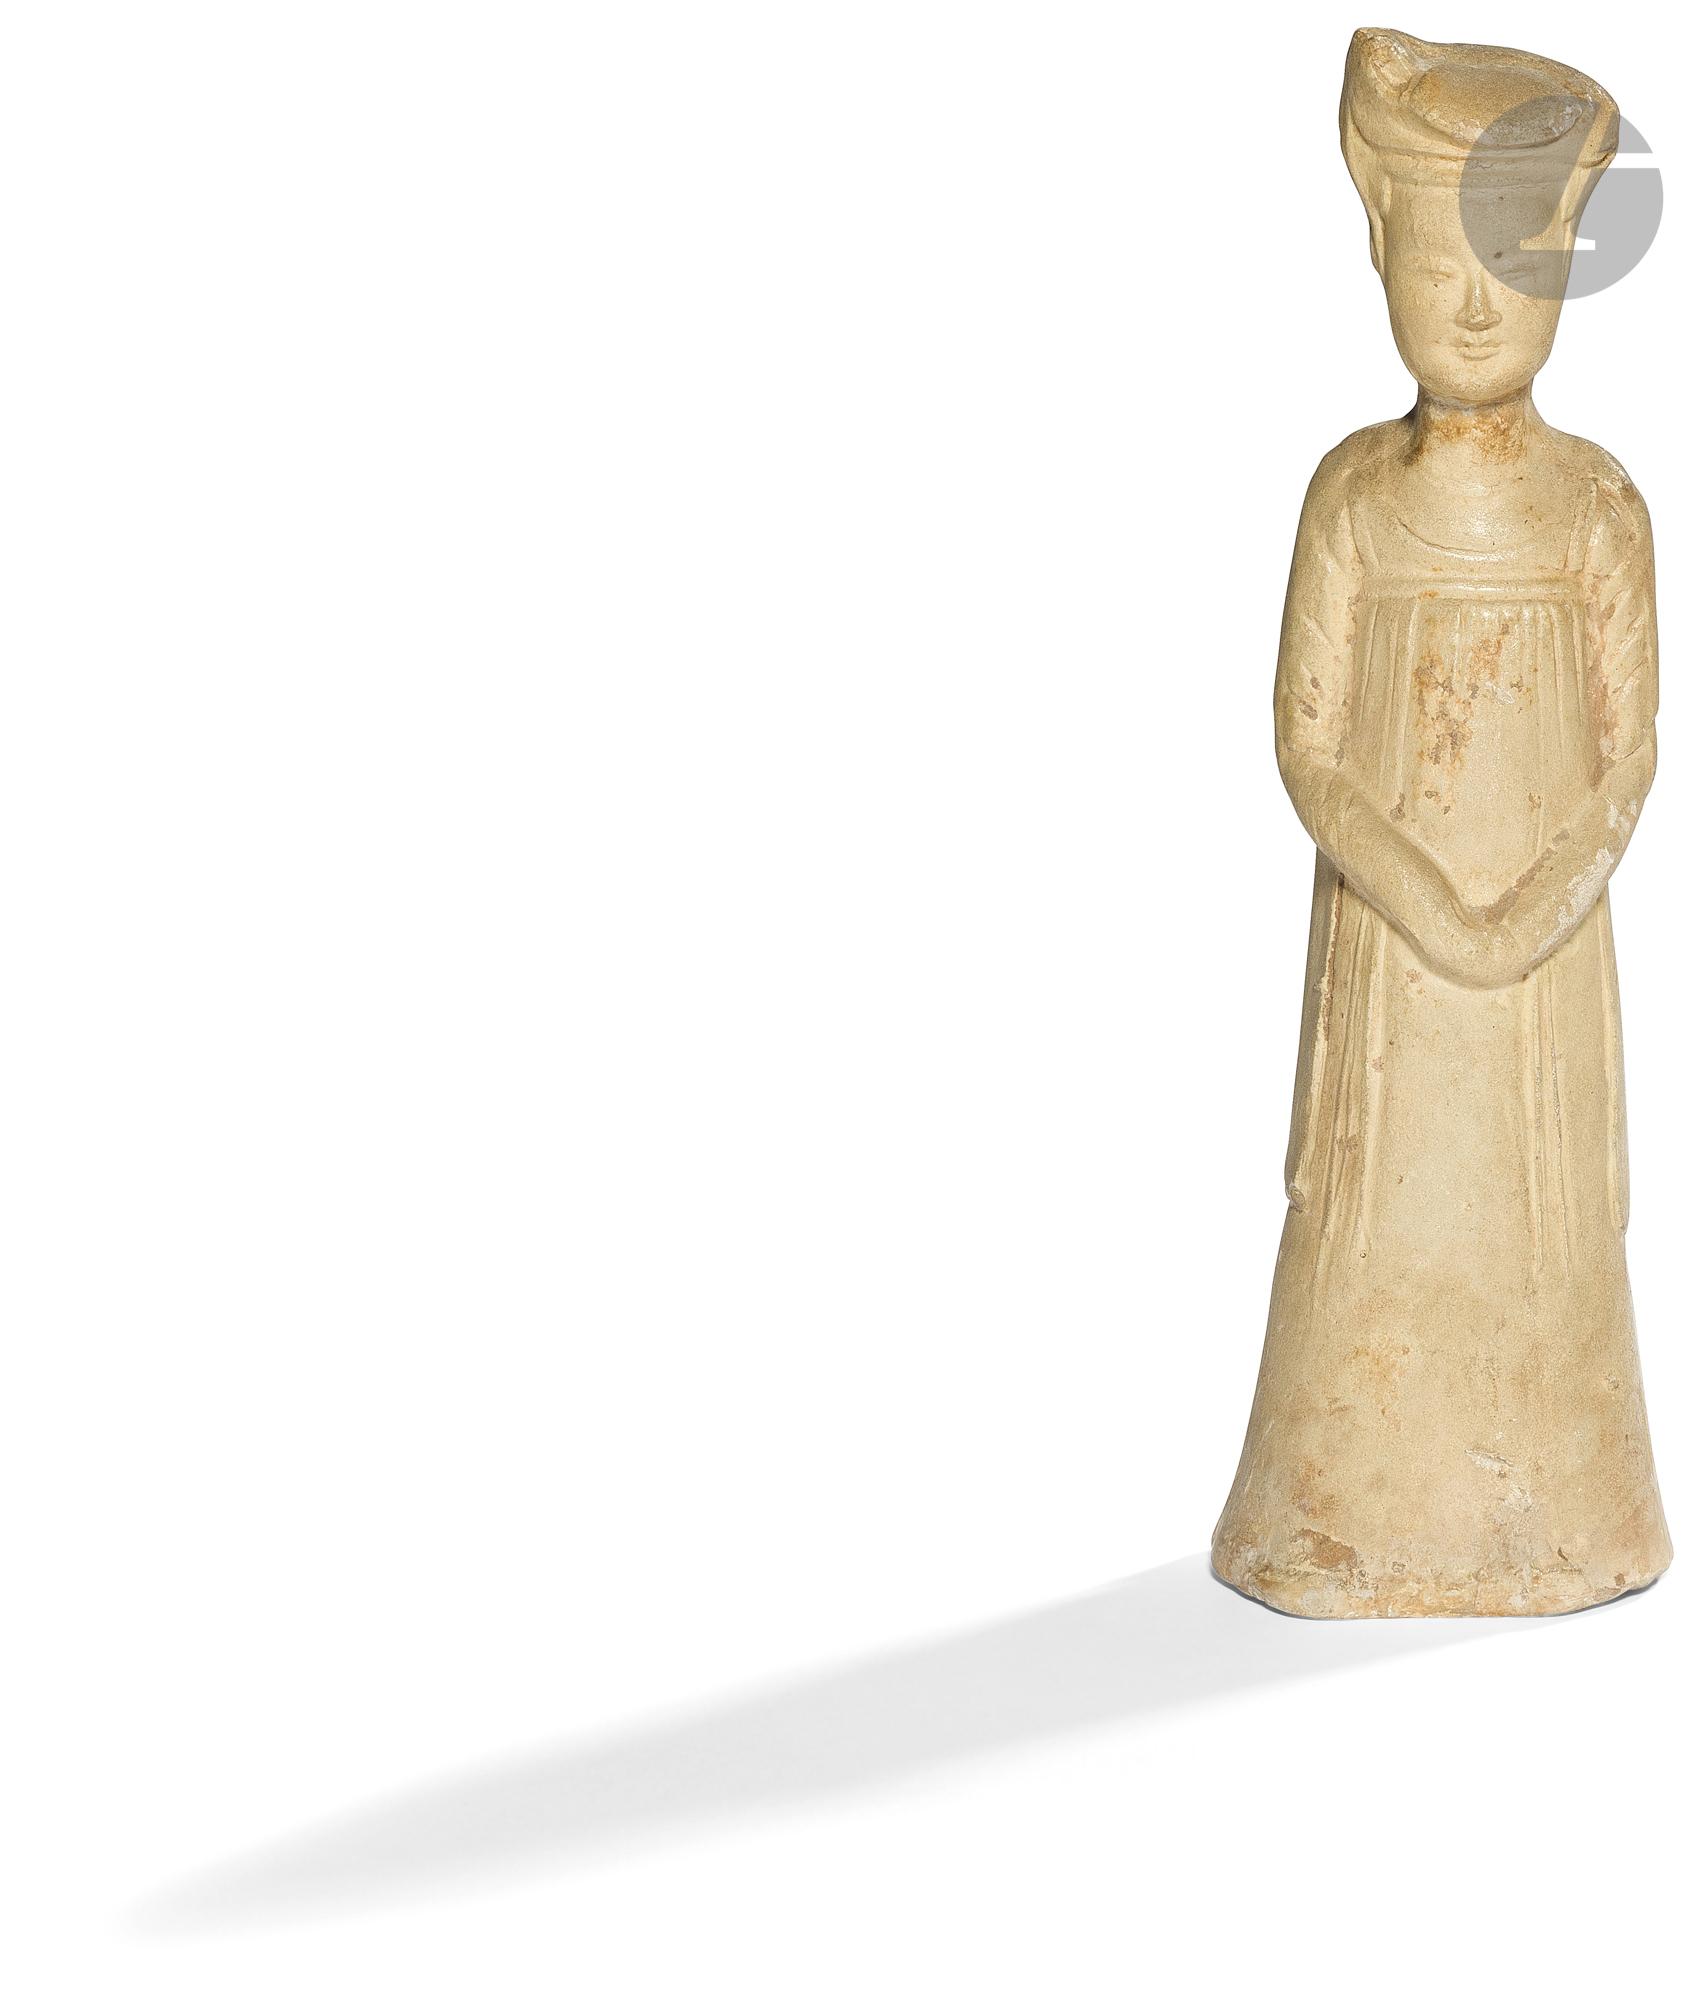 CHINE - Époque SUI (581 - 618) Statuette en terre cuite de femme de cour debout les mains jointes